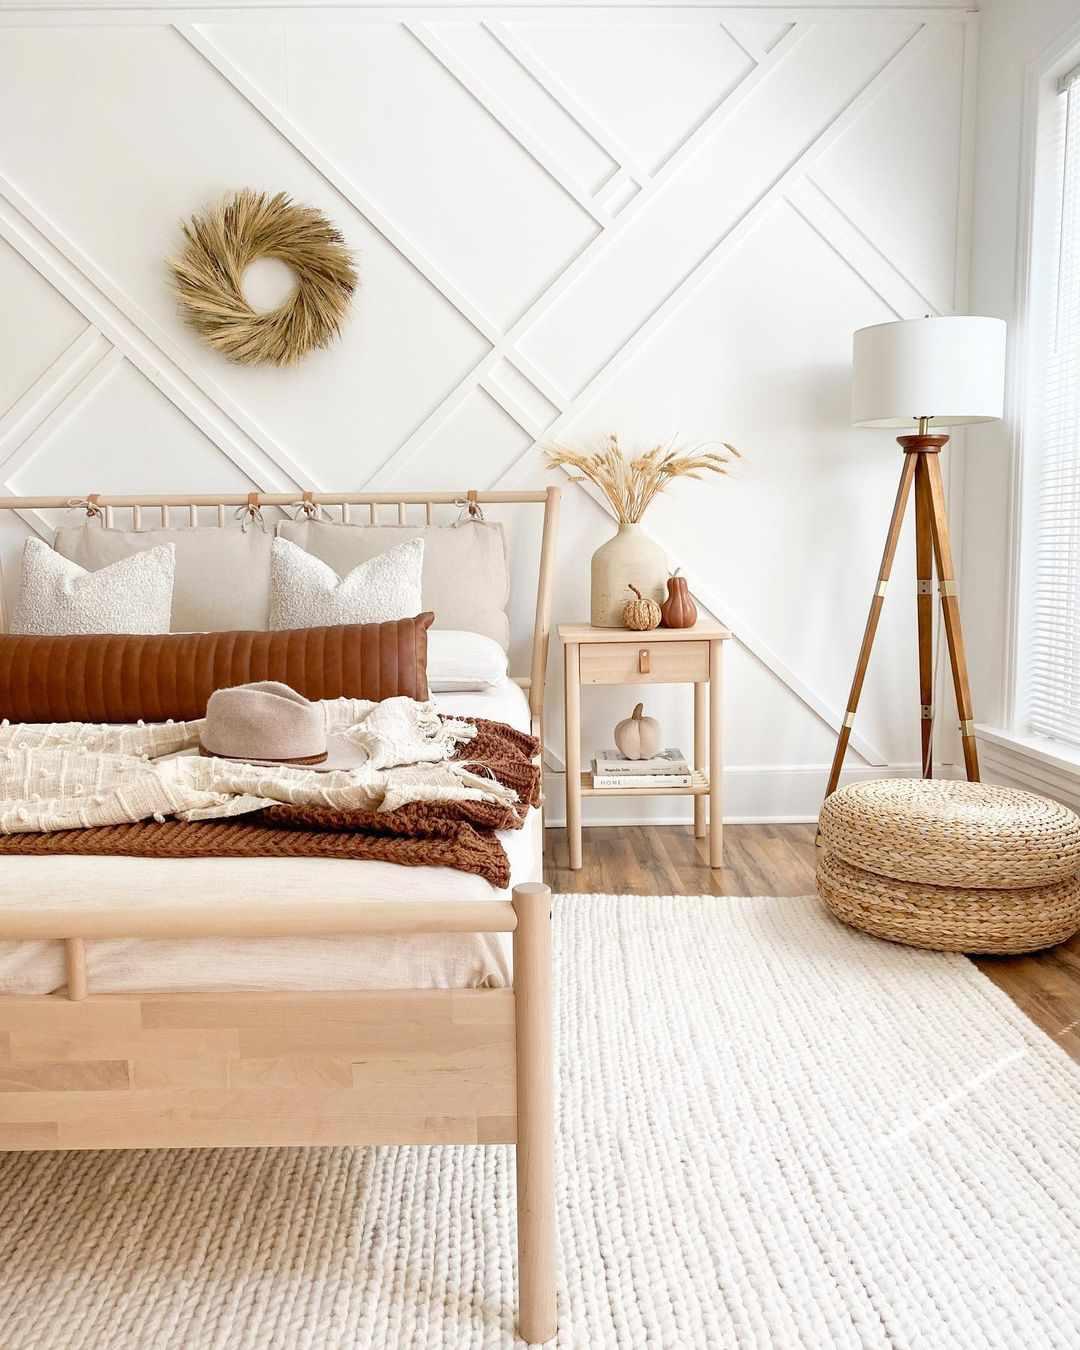 bedroom wreath